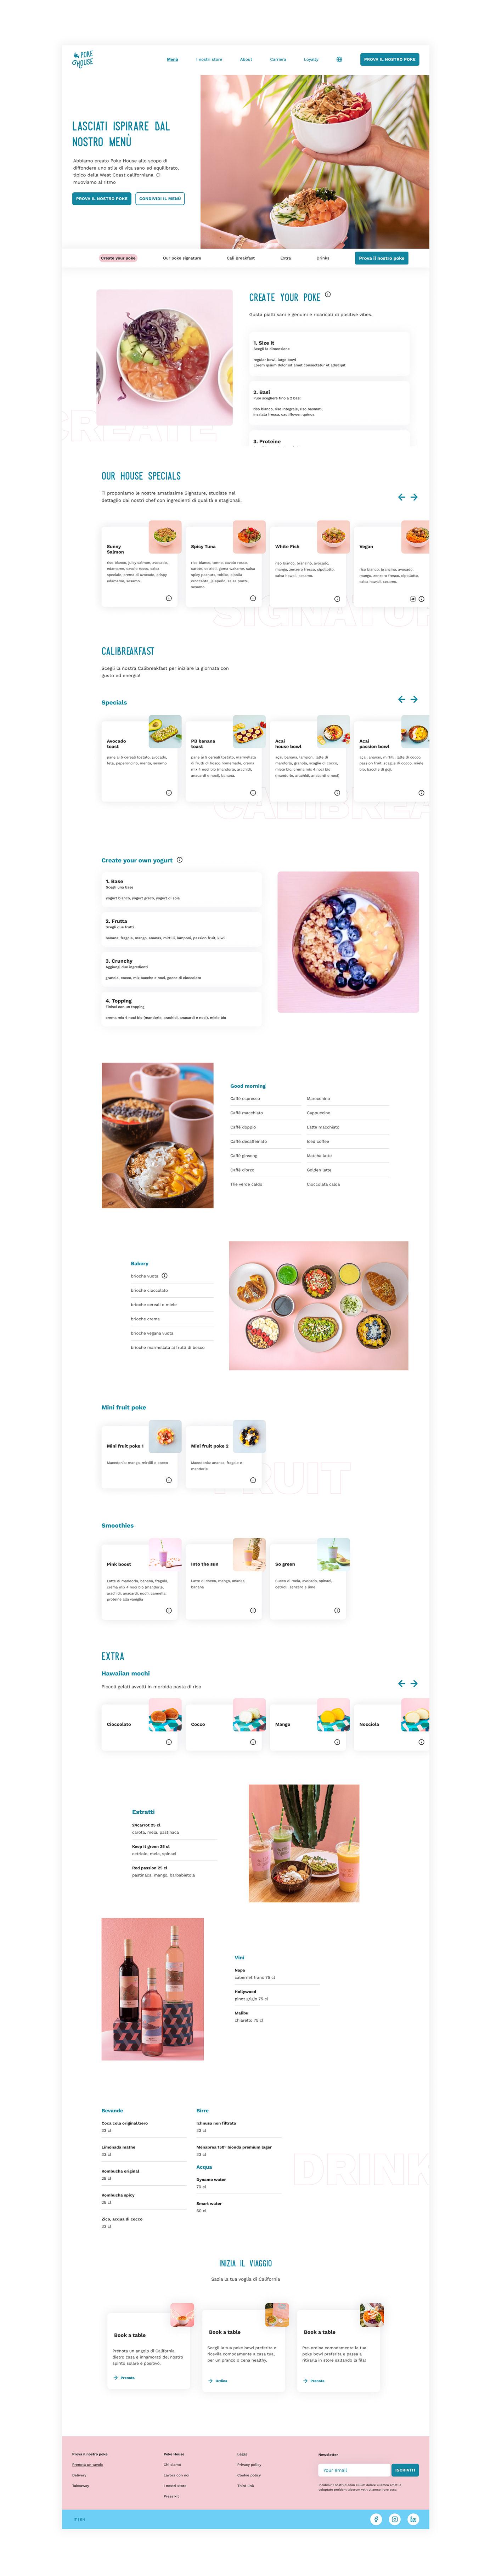 Menu page on desktop viewport